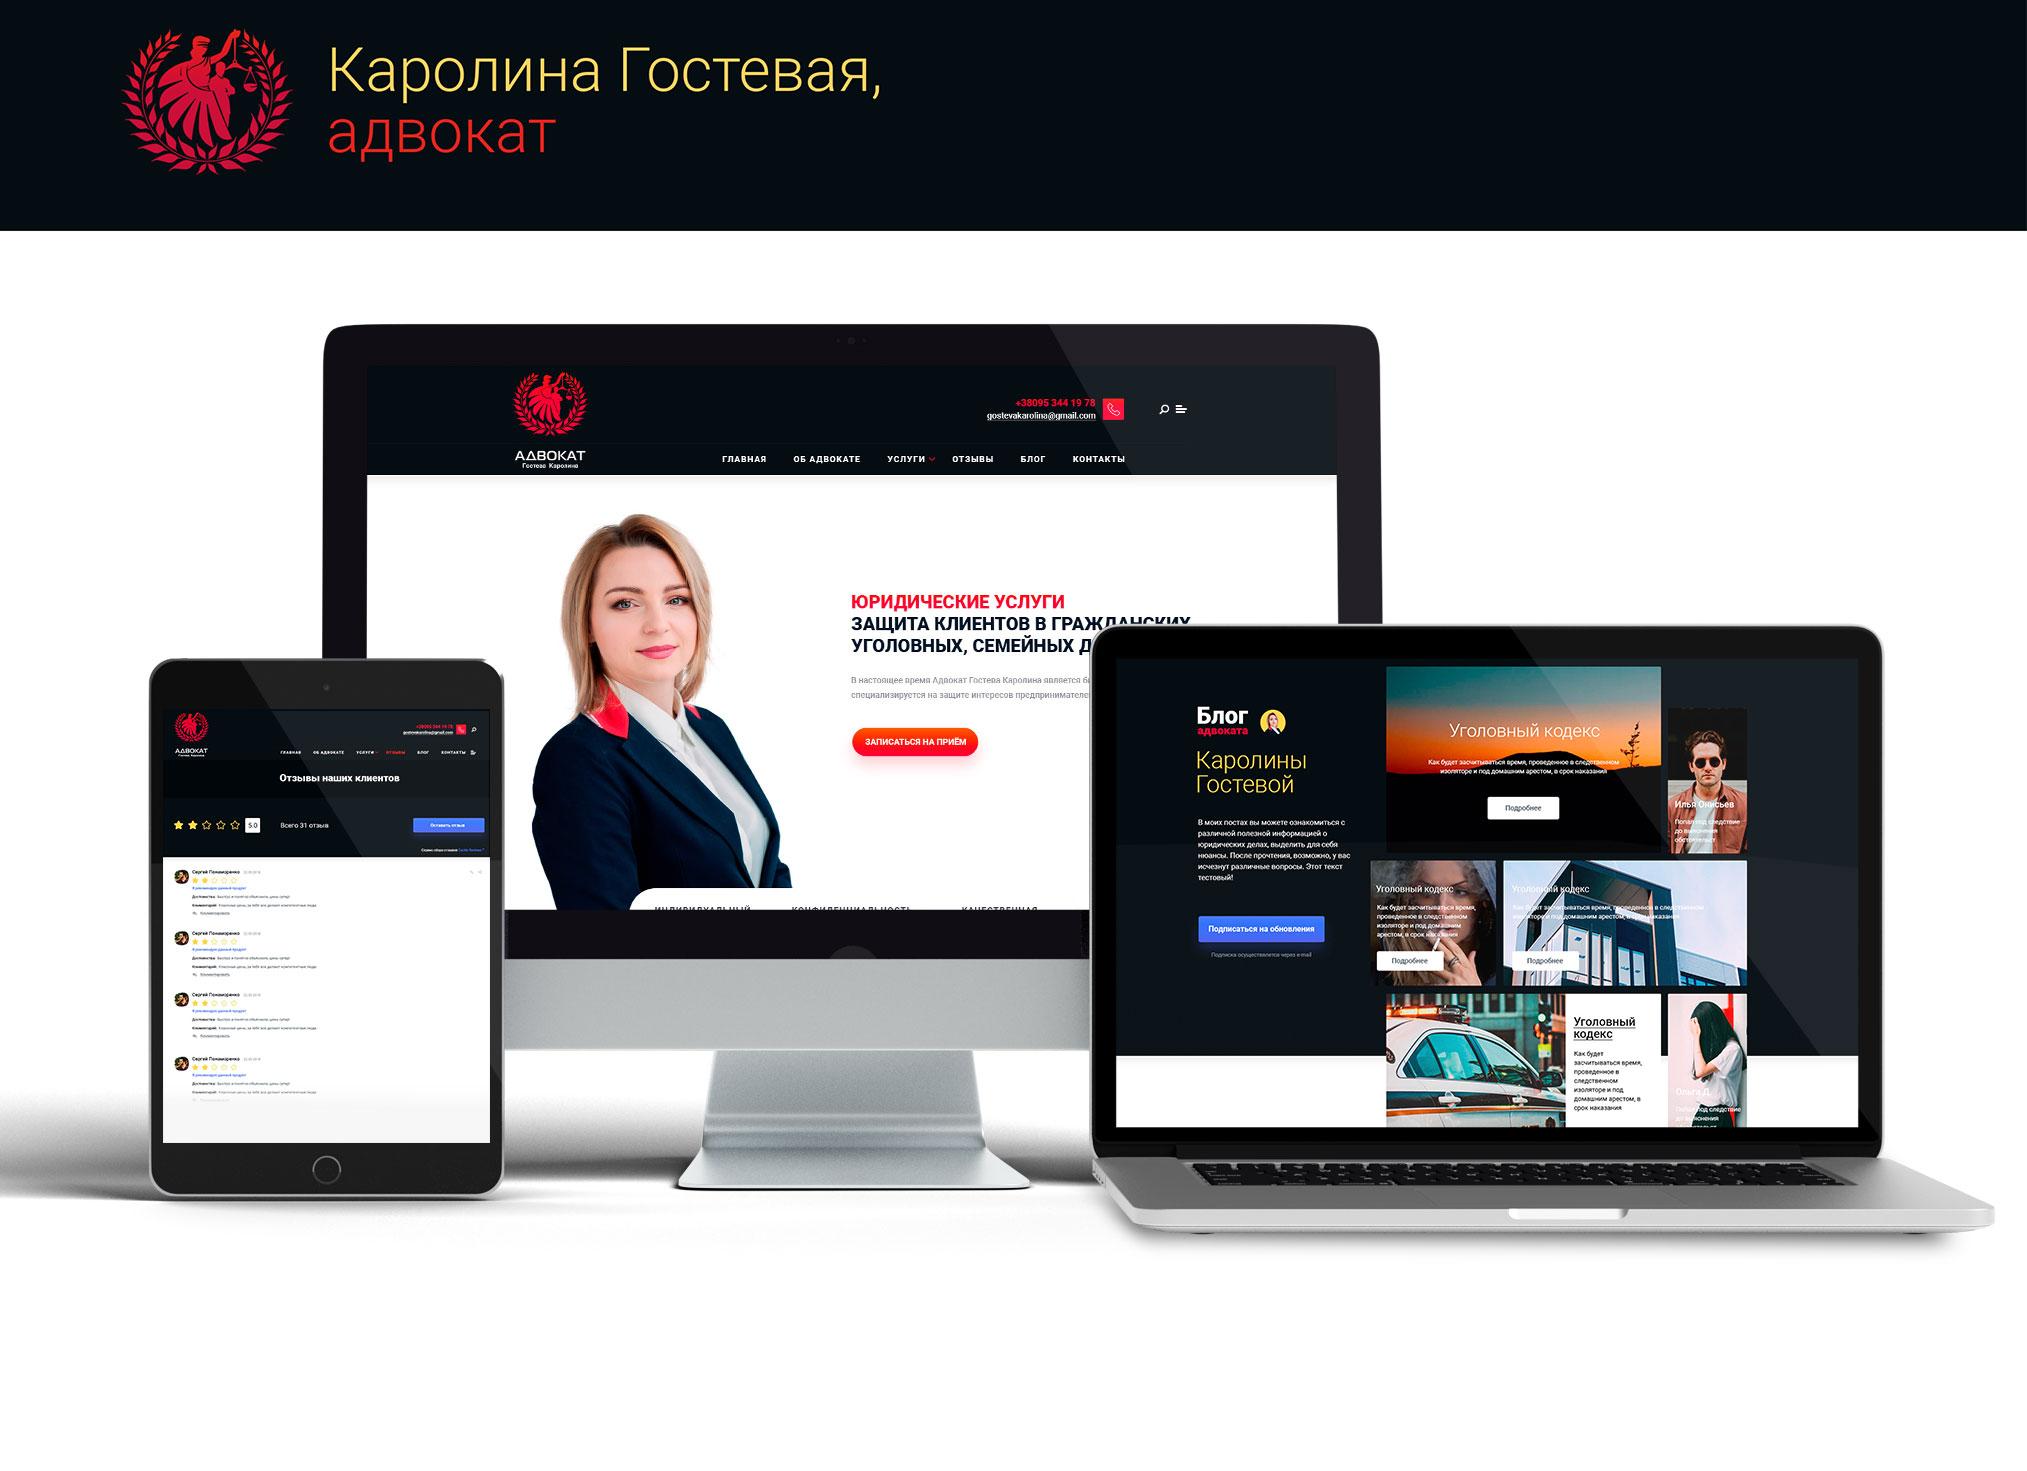 Сайт адвоката Каролины Гостевой